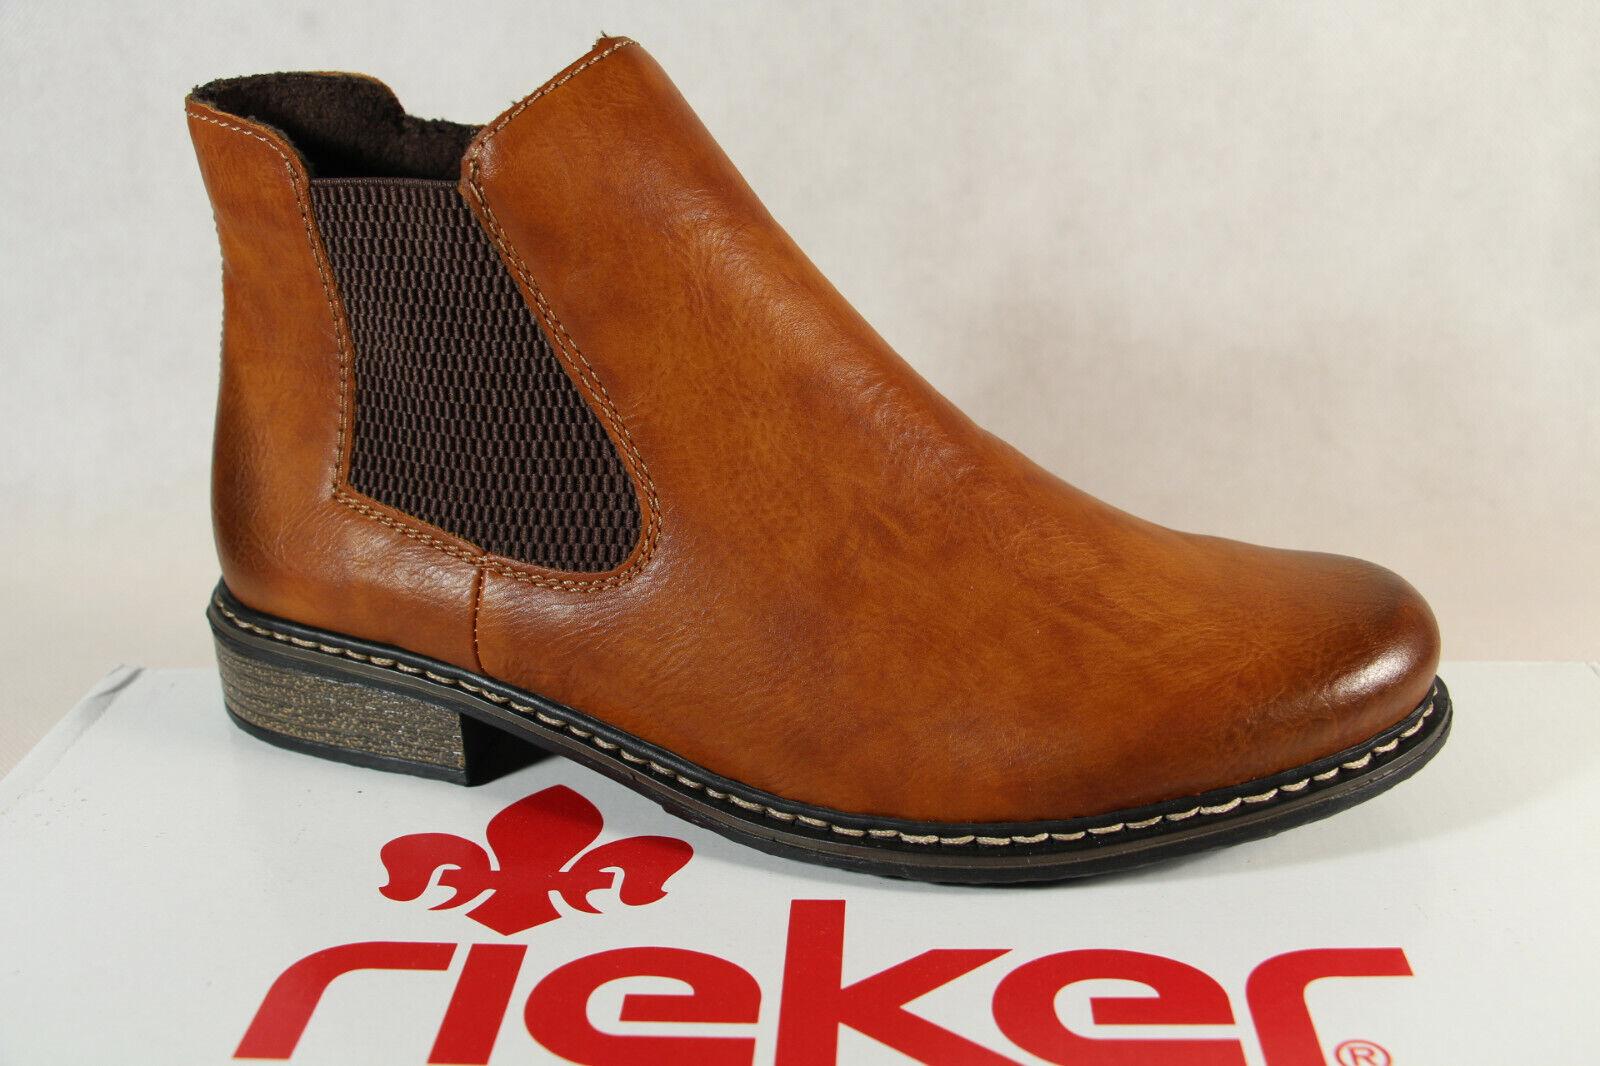 Rieker Damen Stiefel L5523 Stiefelette Schnürstiefel Boots LhhR1